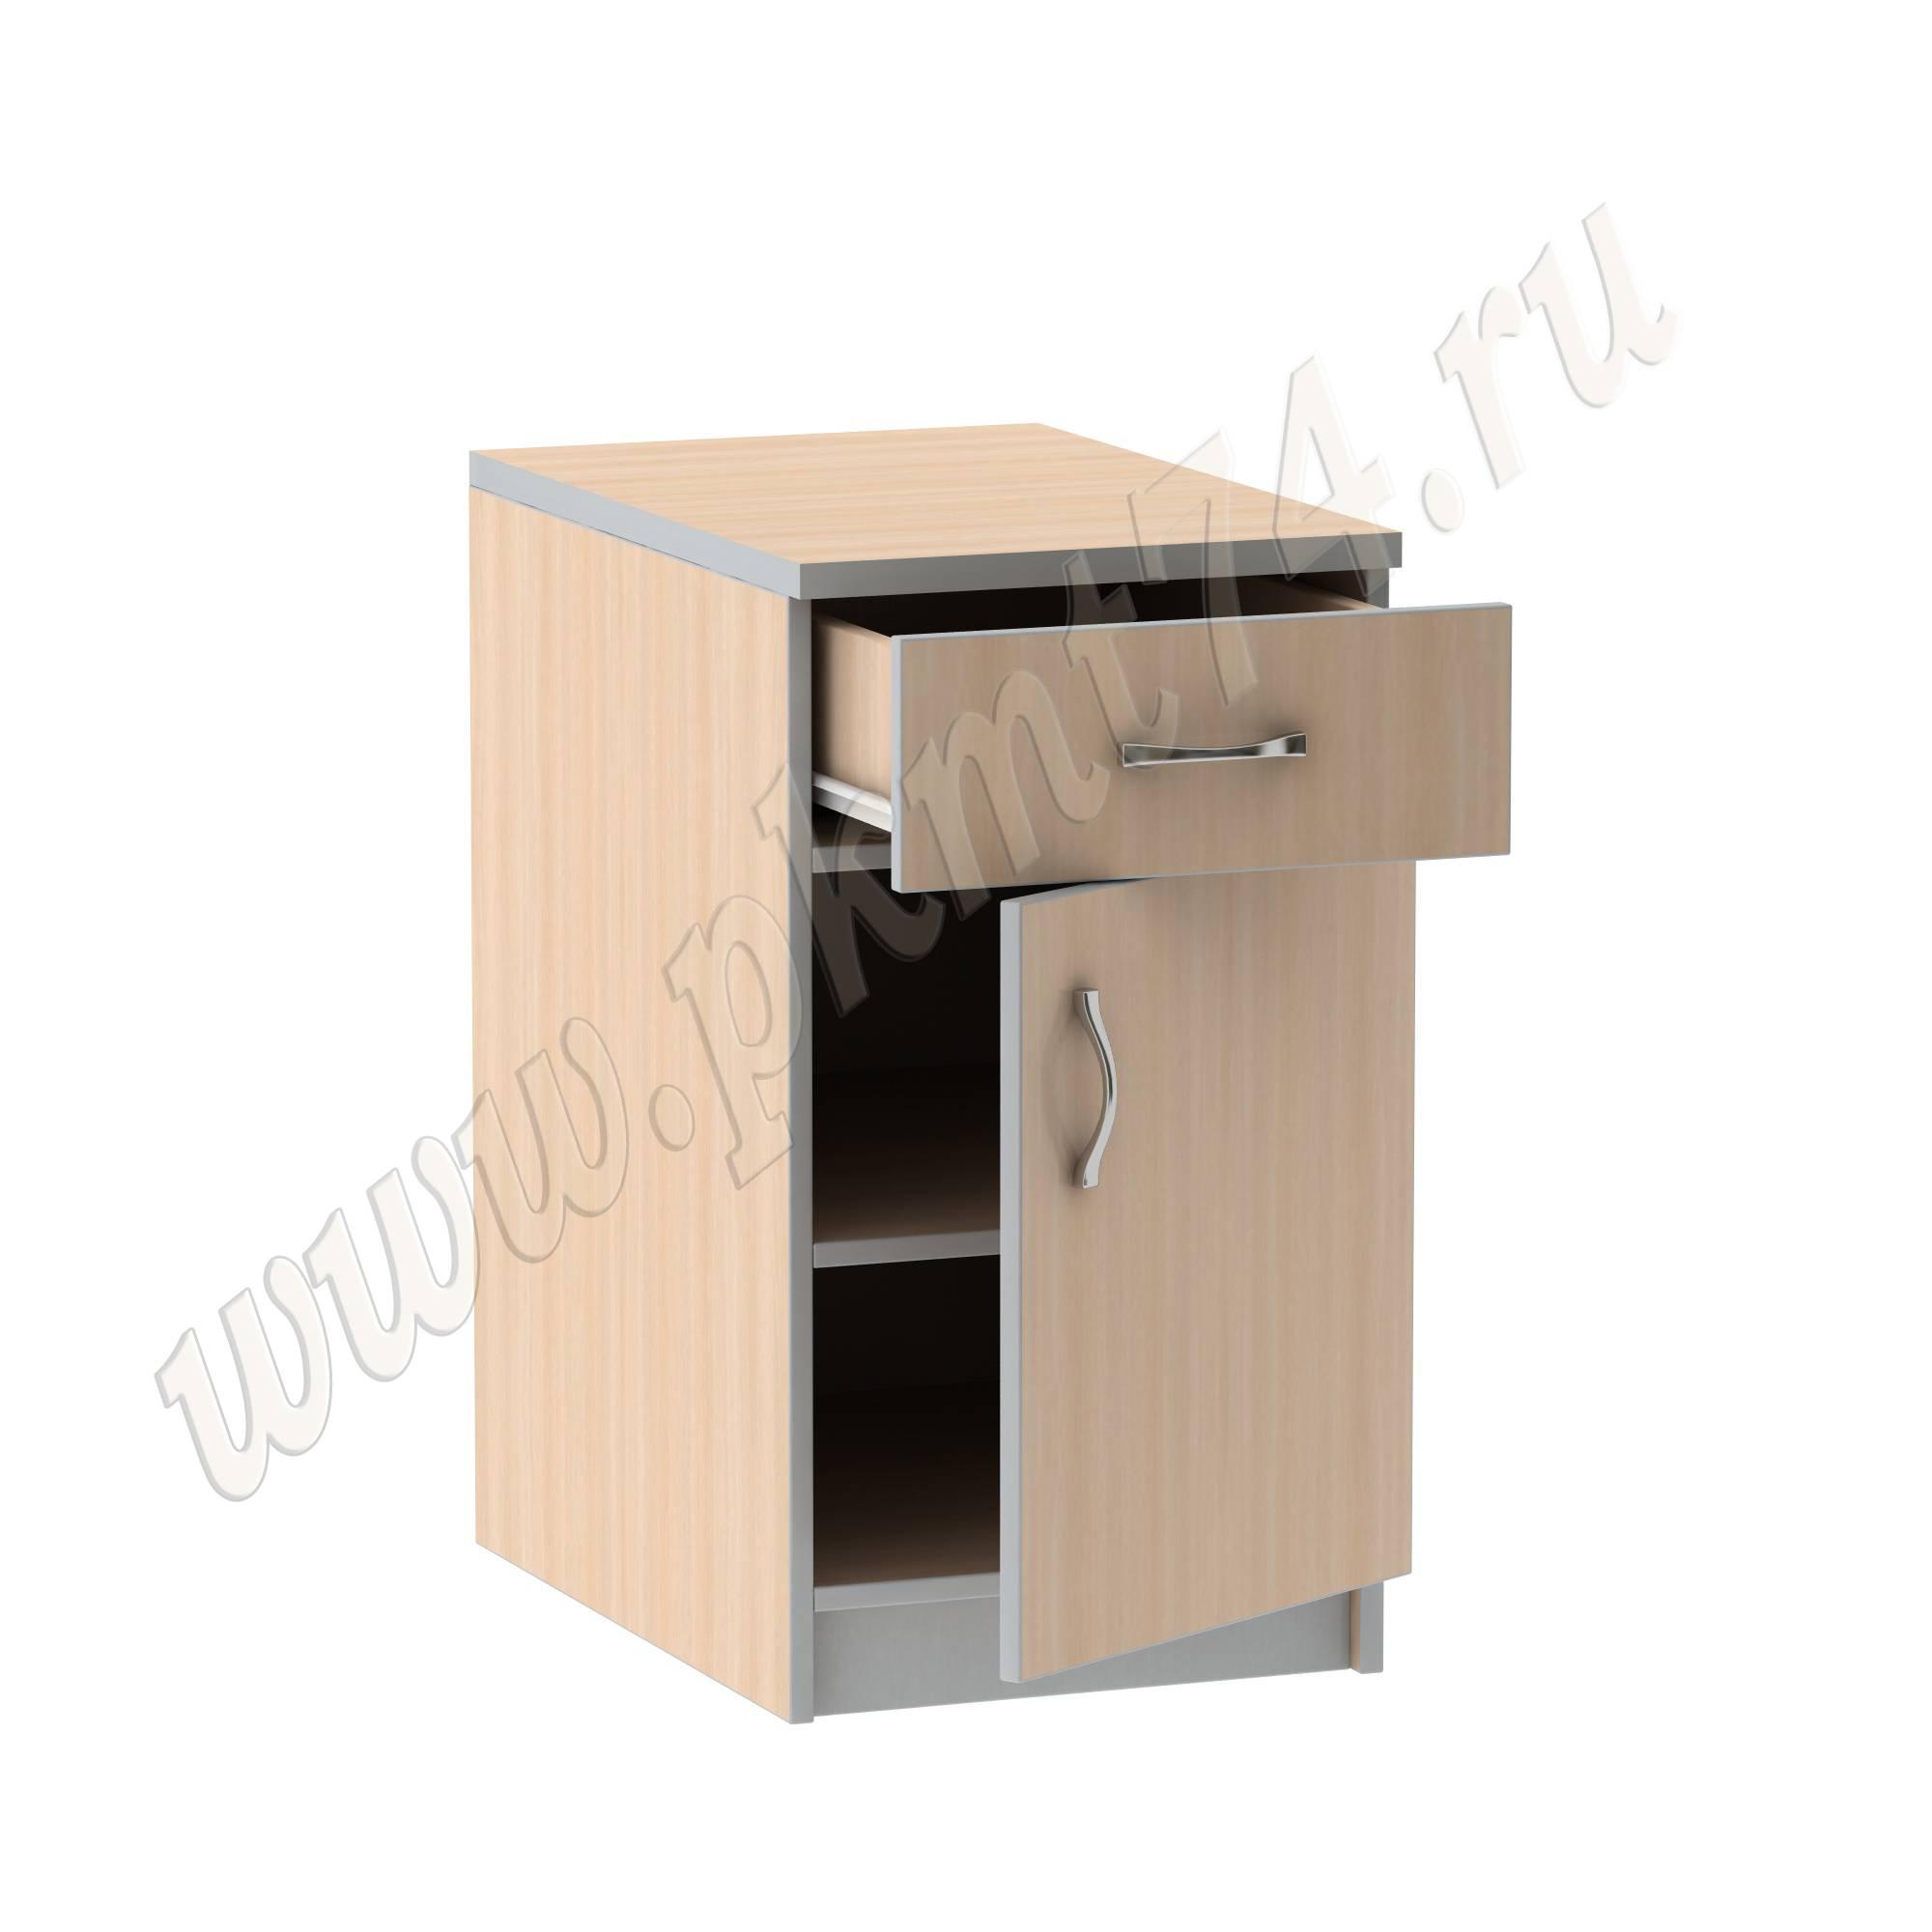 Тумба стационарная офисная с ящиком [Стандартный цвет:: Орех; Цвета ЛДСП на выбор:: Молочный-Алюминий]